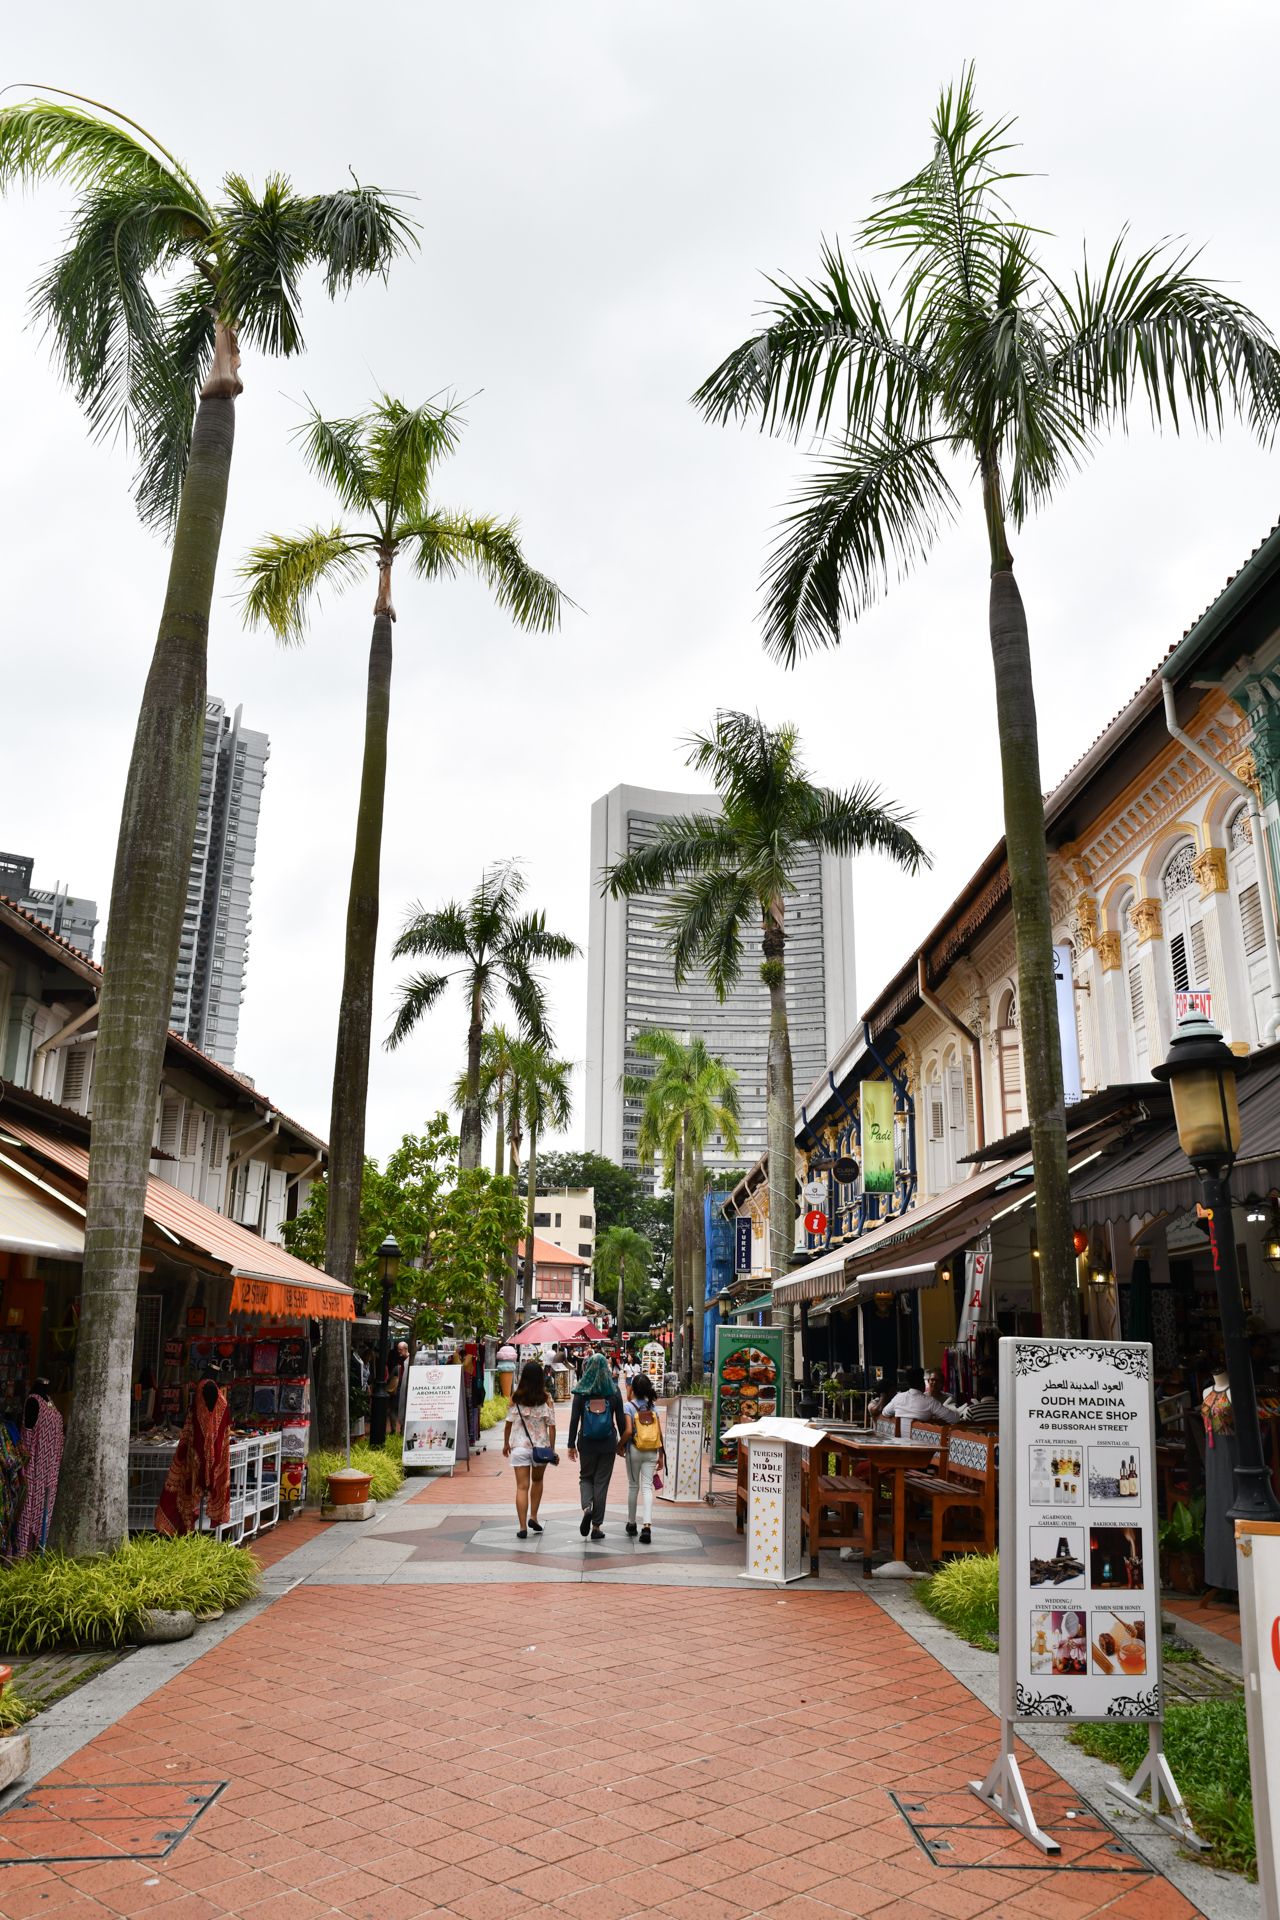 アラブ・ストリート シンガポール D850+SP 24-70mm F/2.8 Di VC USD G2